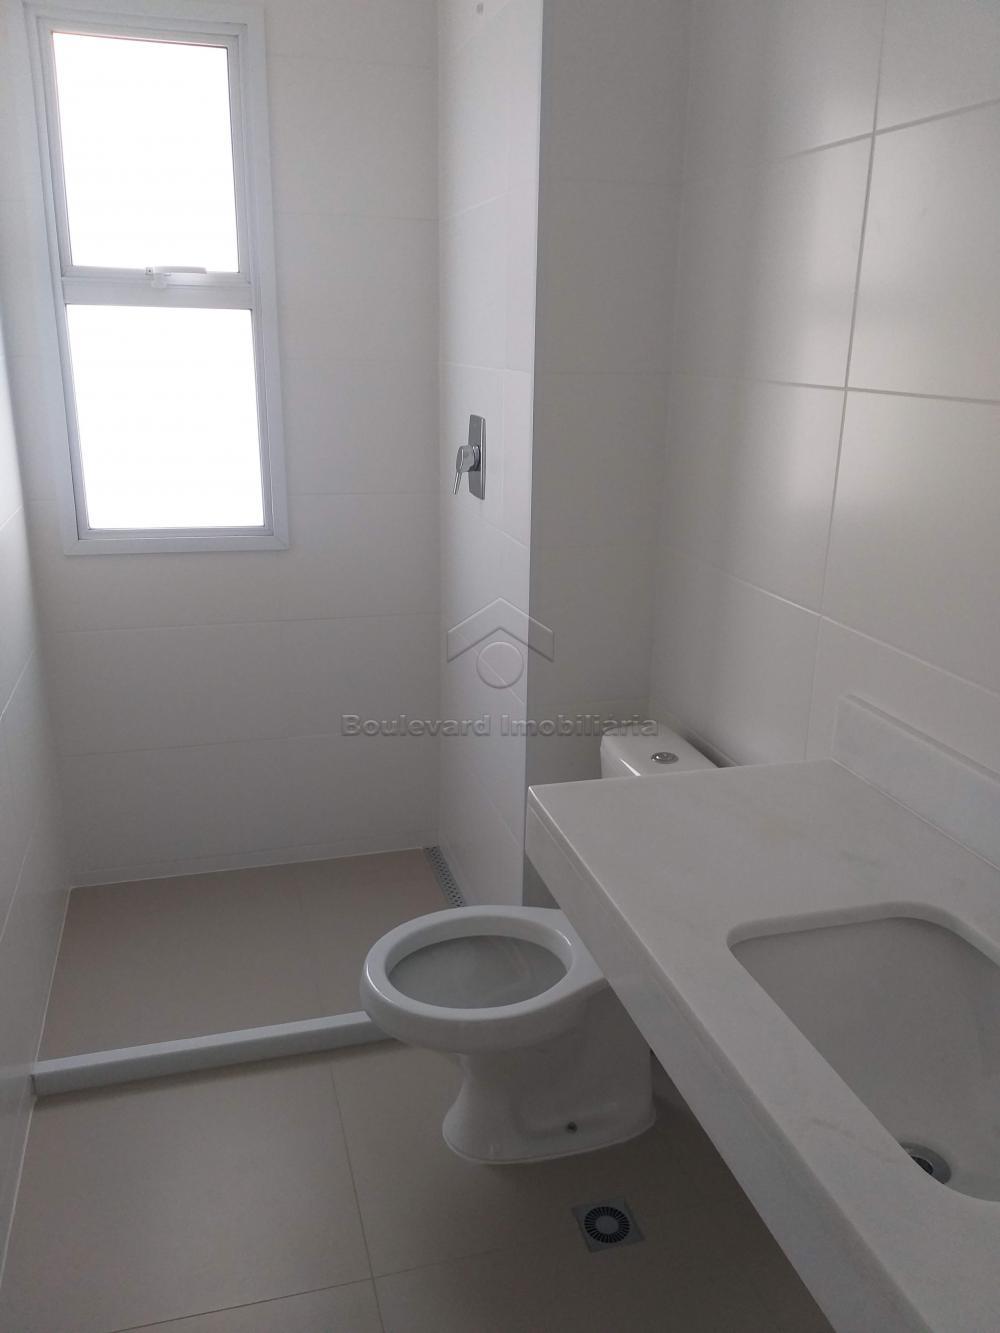 Comprar Apartamento / Padrão em Ribeirão Preto R$ 760.000,00 - Foto 8